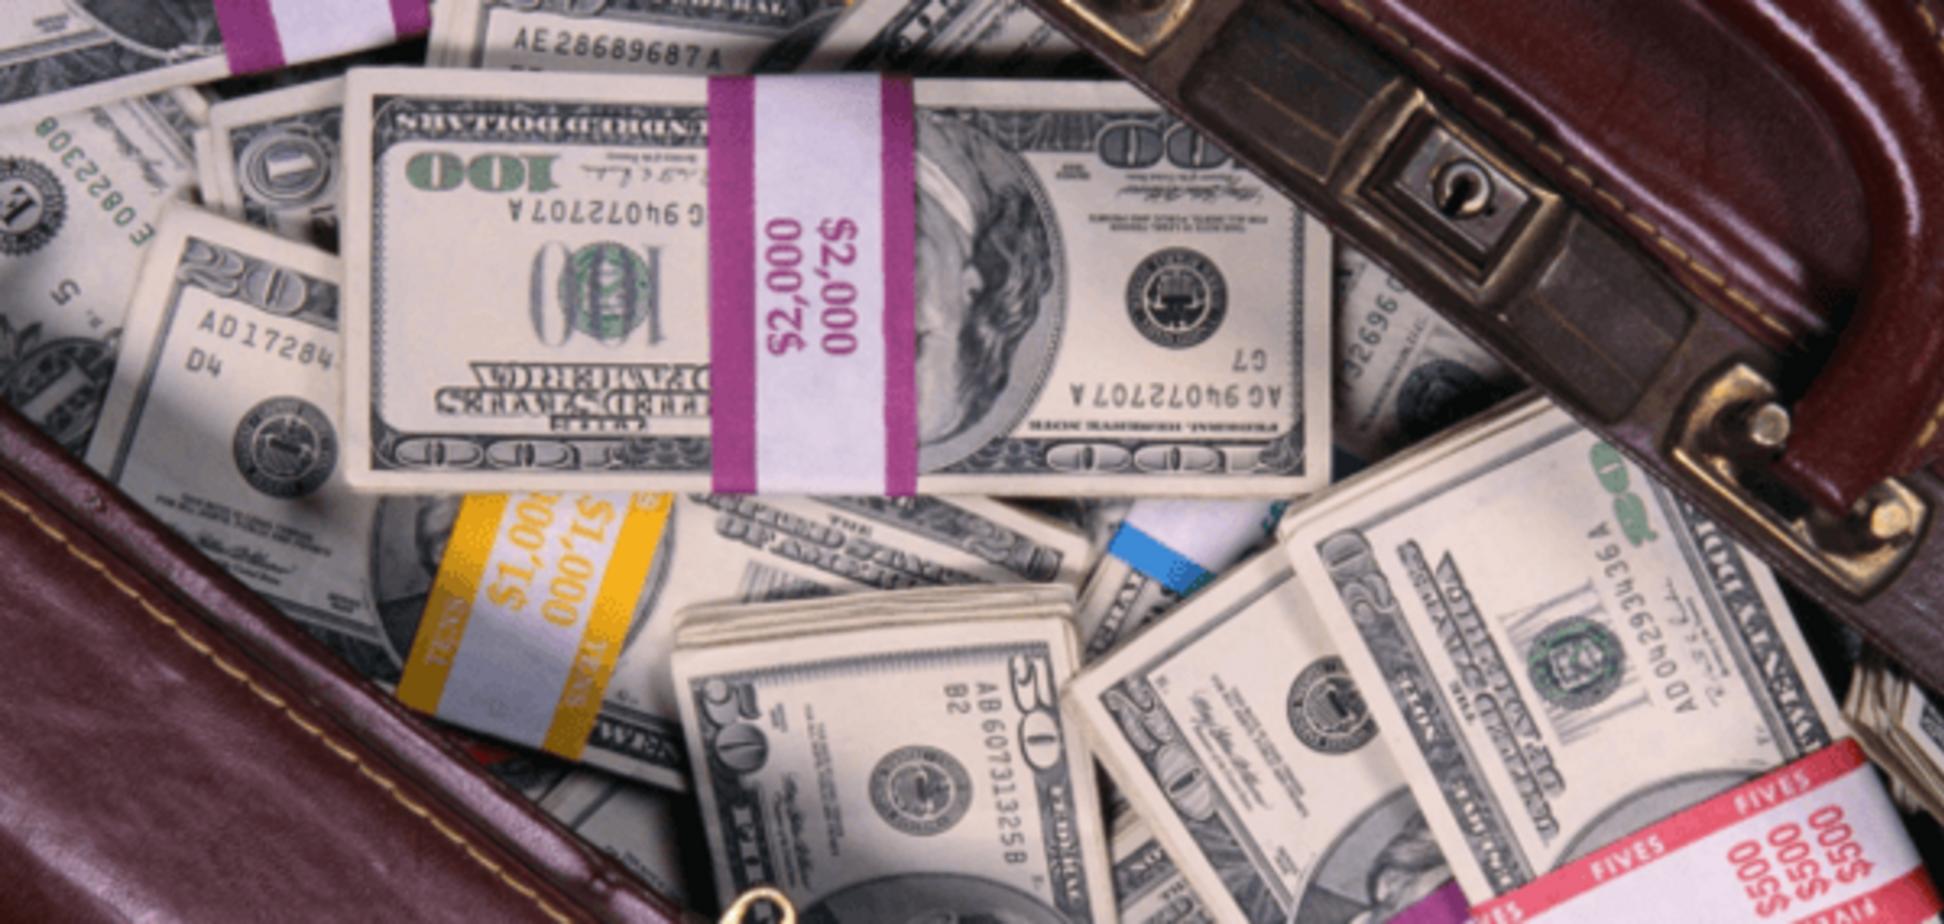 В Bloomberg View объяснили, почему коррупция в Украине до сих пор процветает